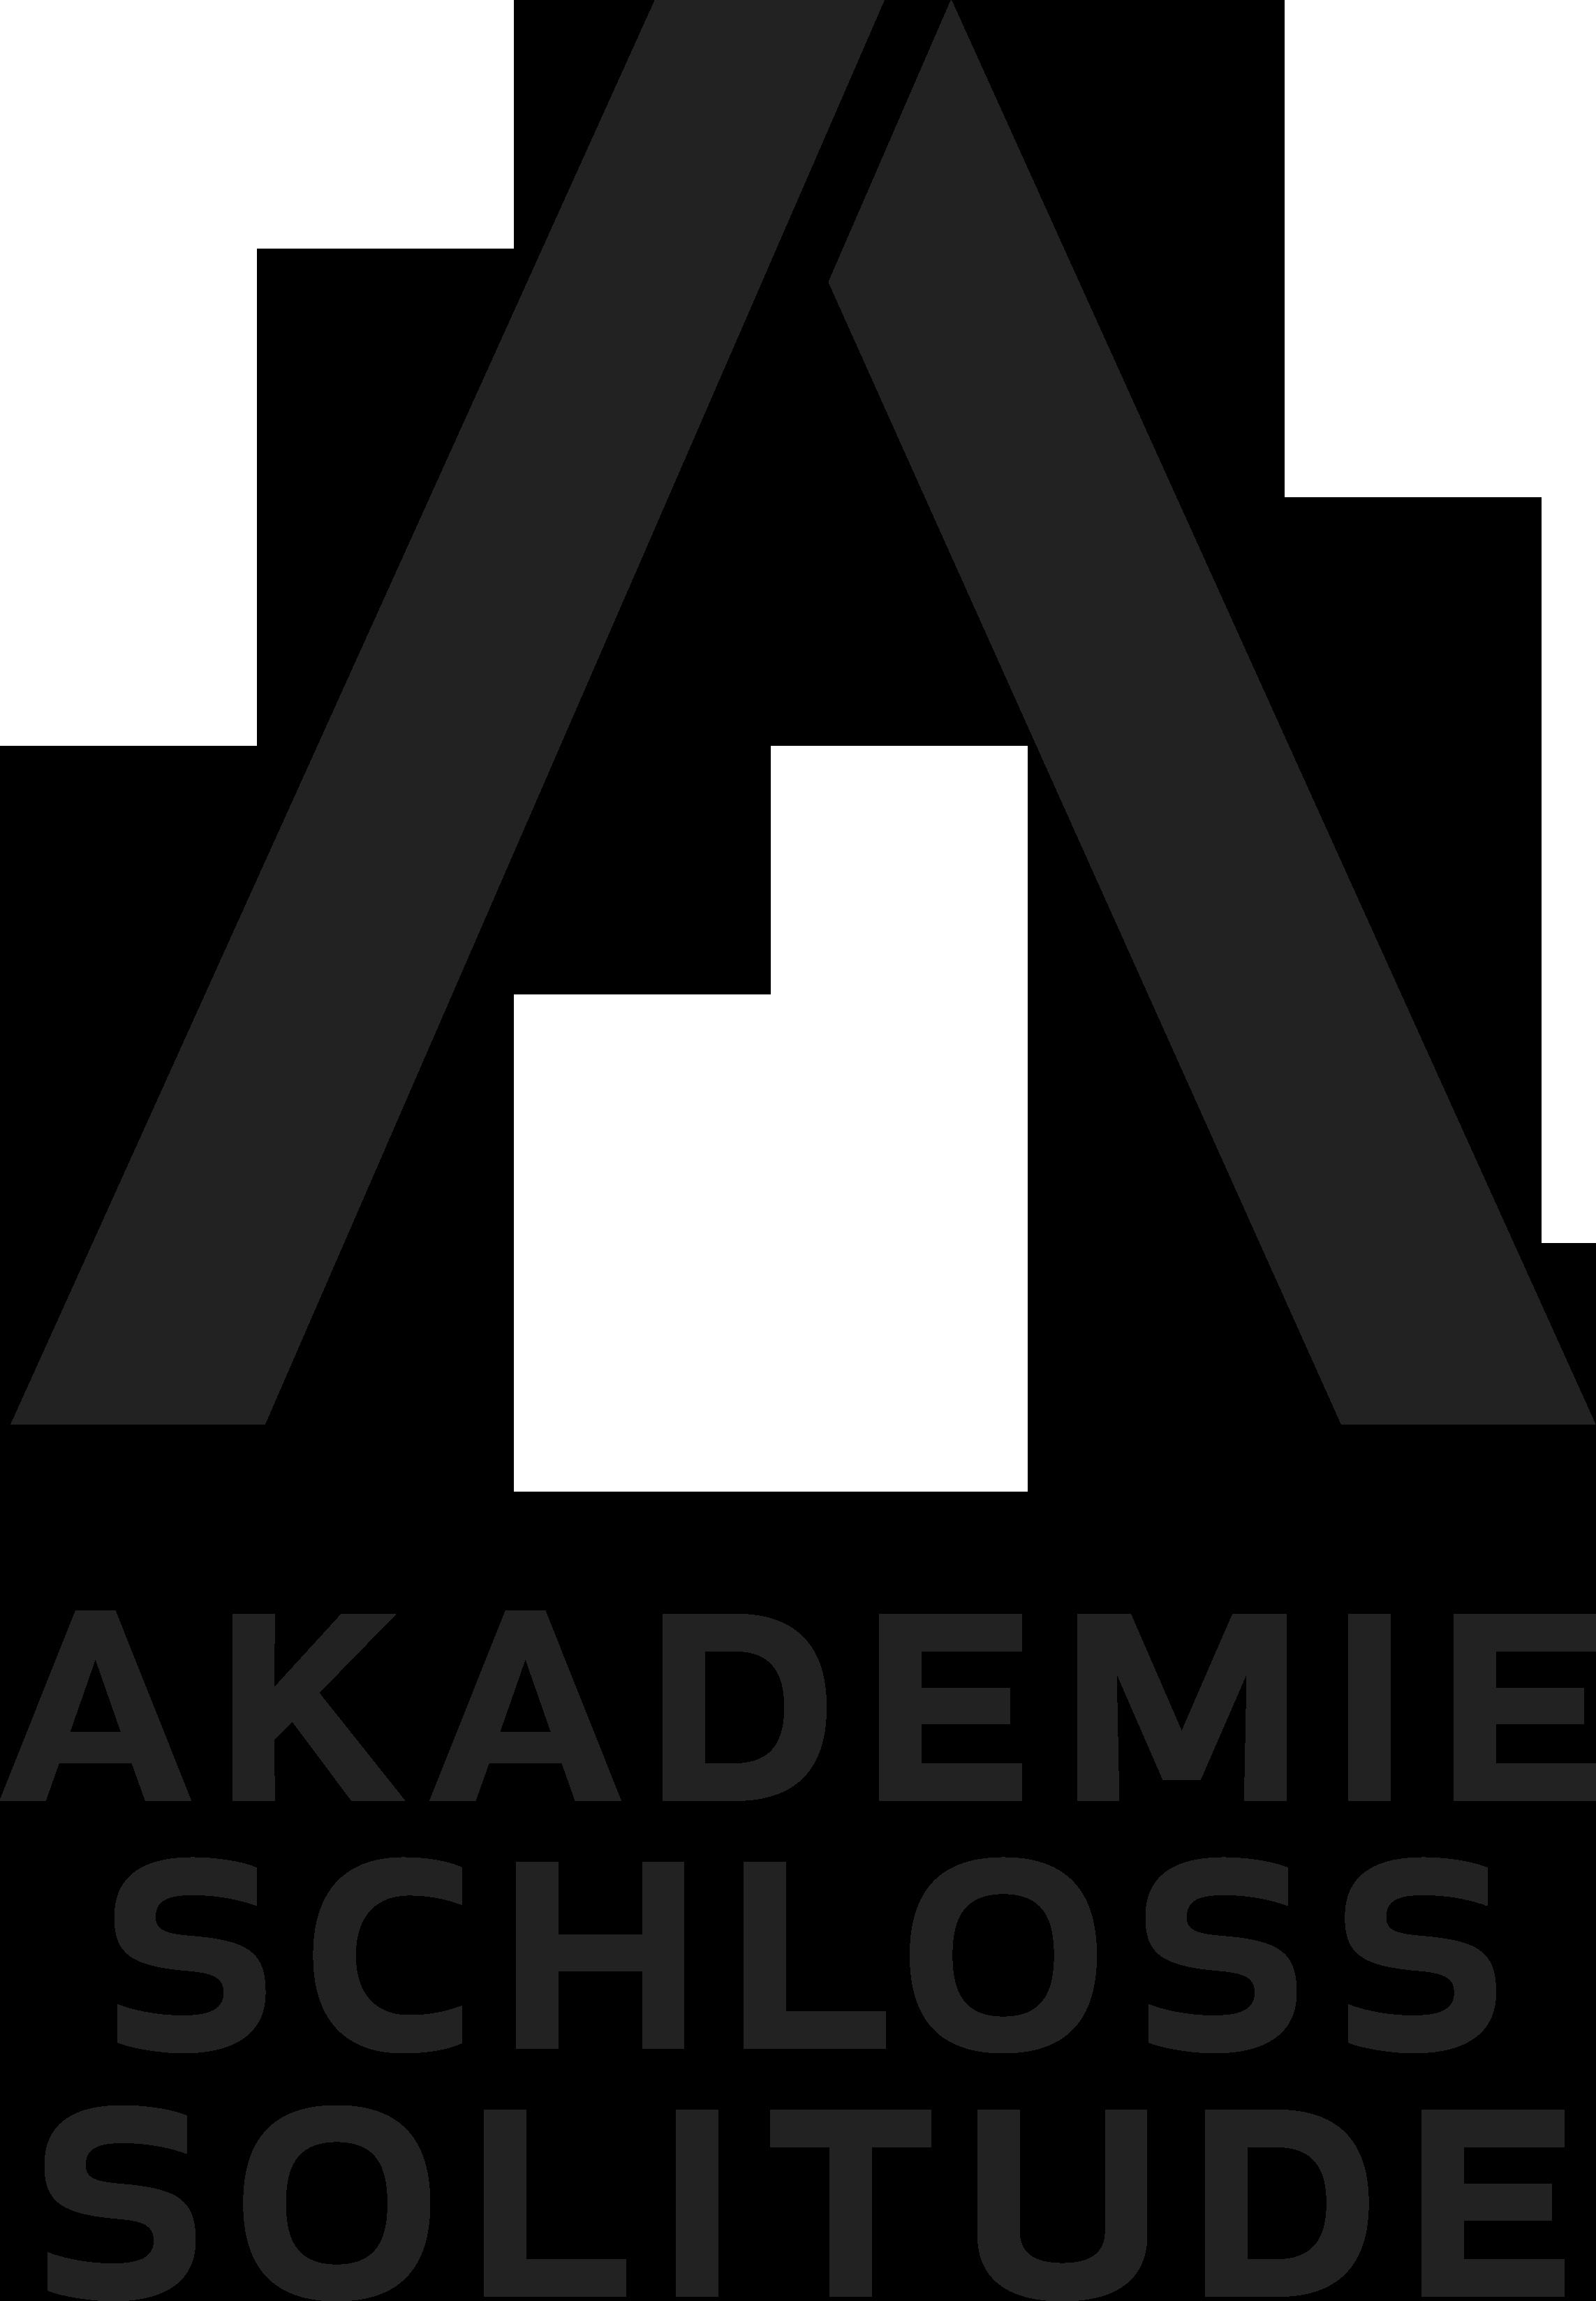 Akademie Schloß Solitude - Logo